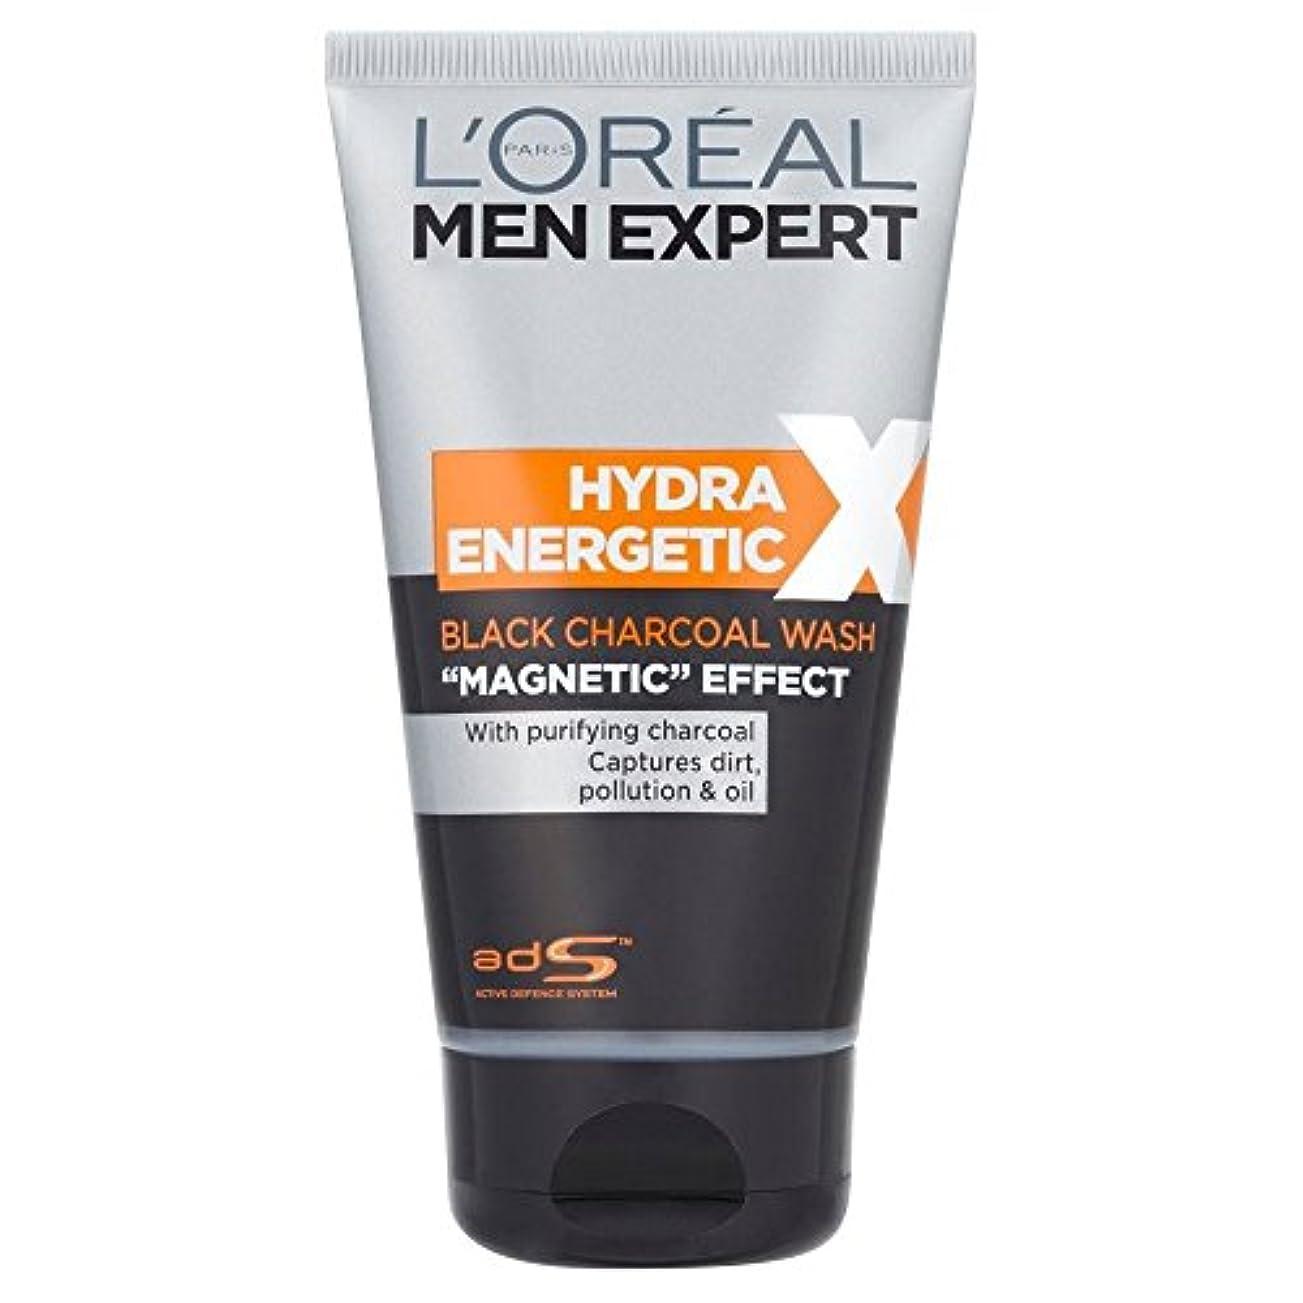 行う強調逮捕L'Oreal Paris Men Expert Hydra Energetic Daily Purifying Wash (150ml) L'オラ?アルパリのメンズ専門ヒドラエネルギッシュな毎日の浄化洗浄( 150ミリリットル)